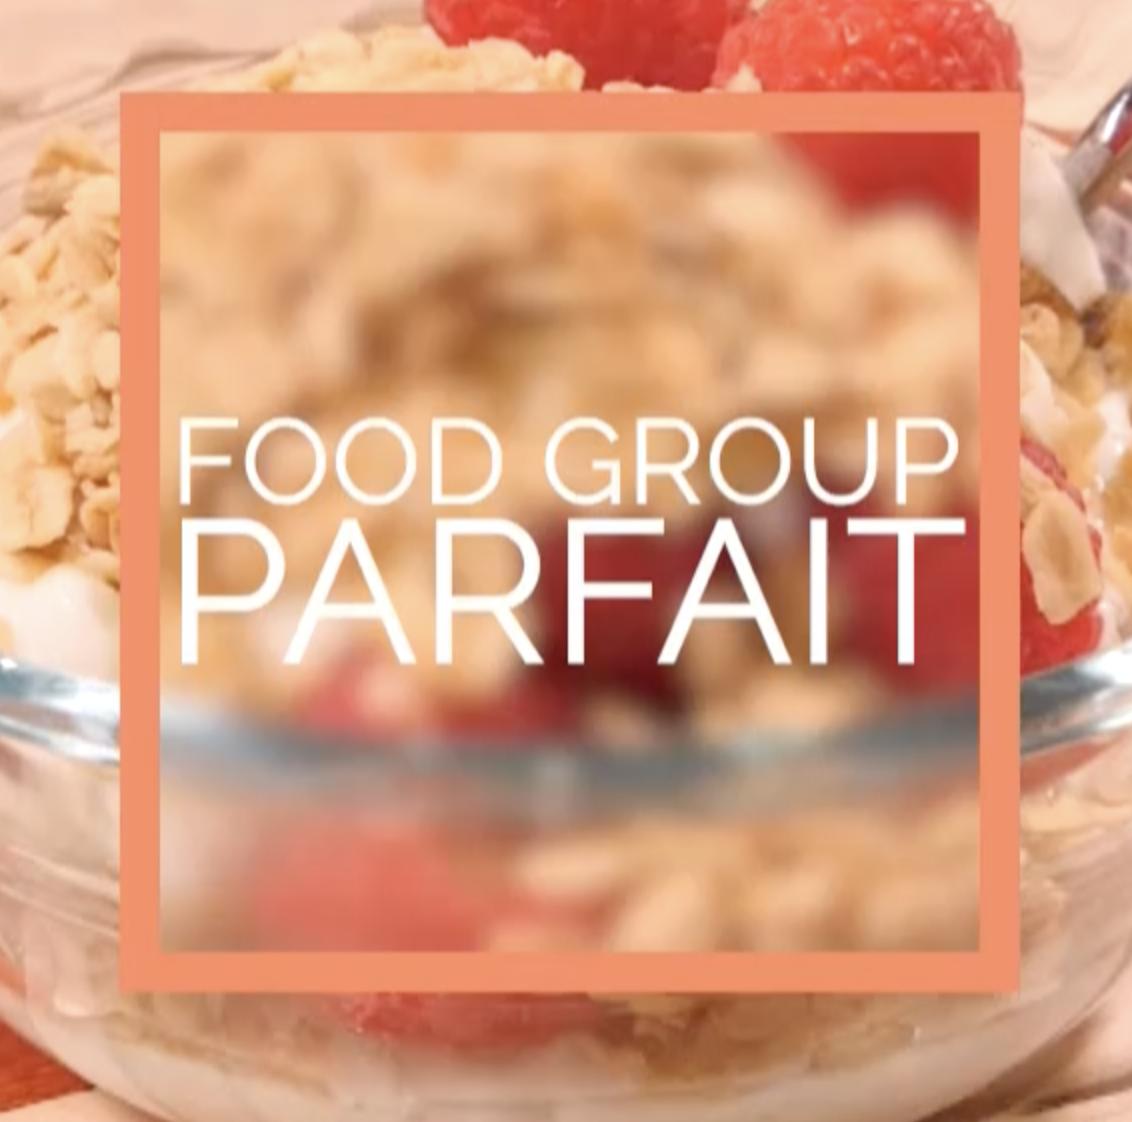 food group parfait